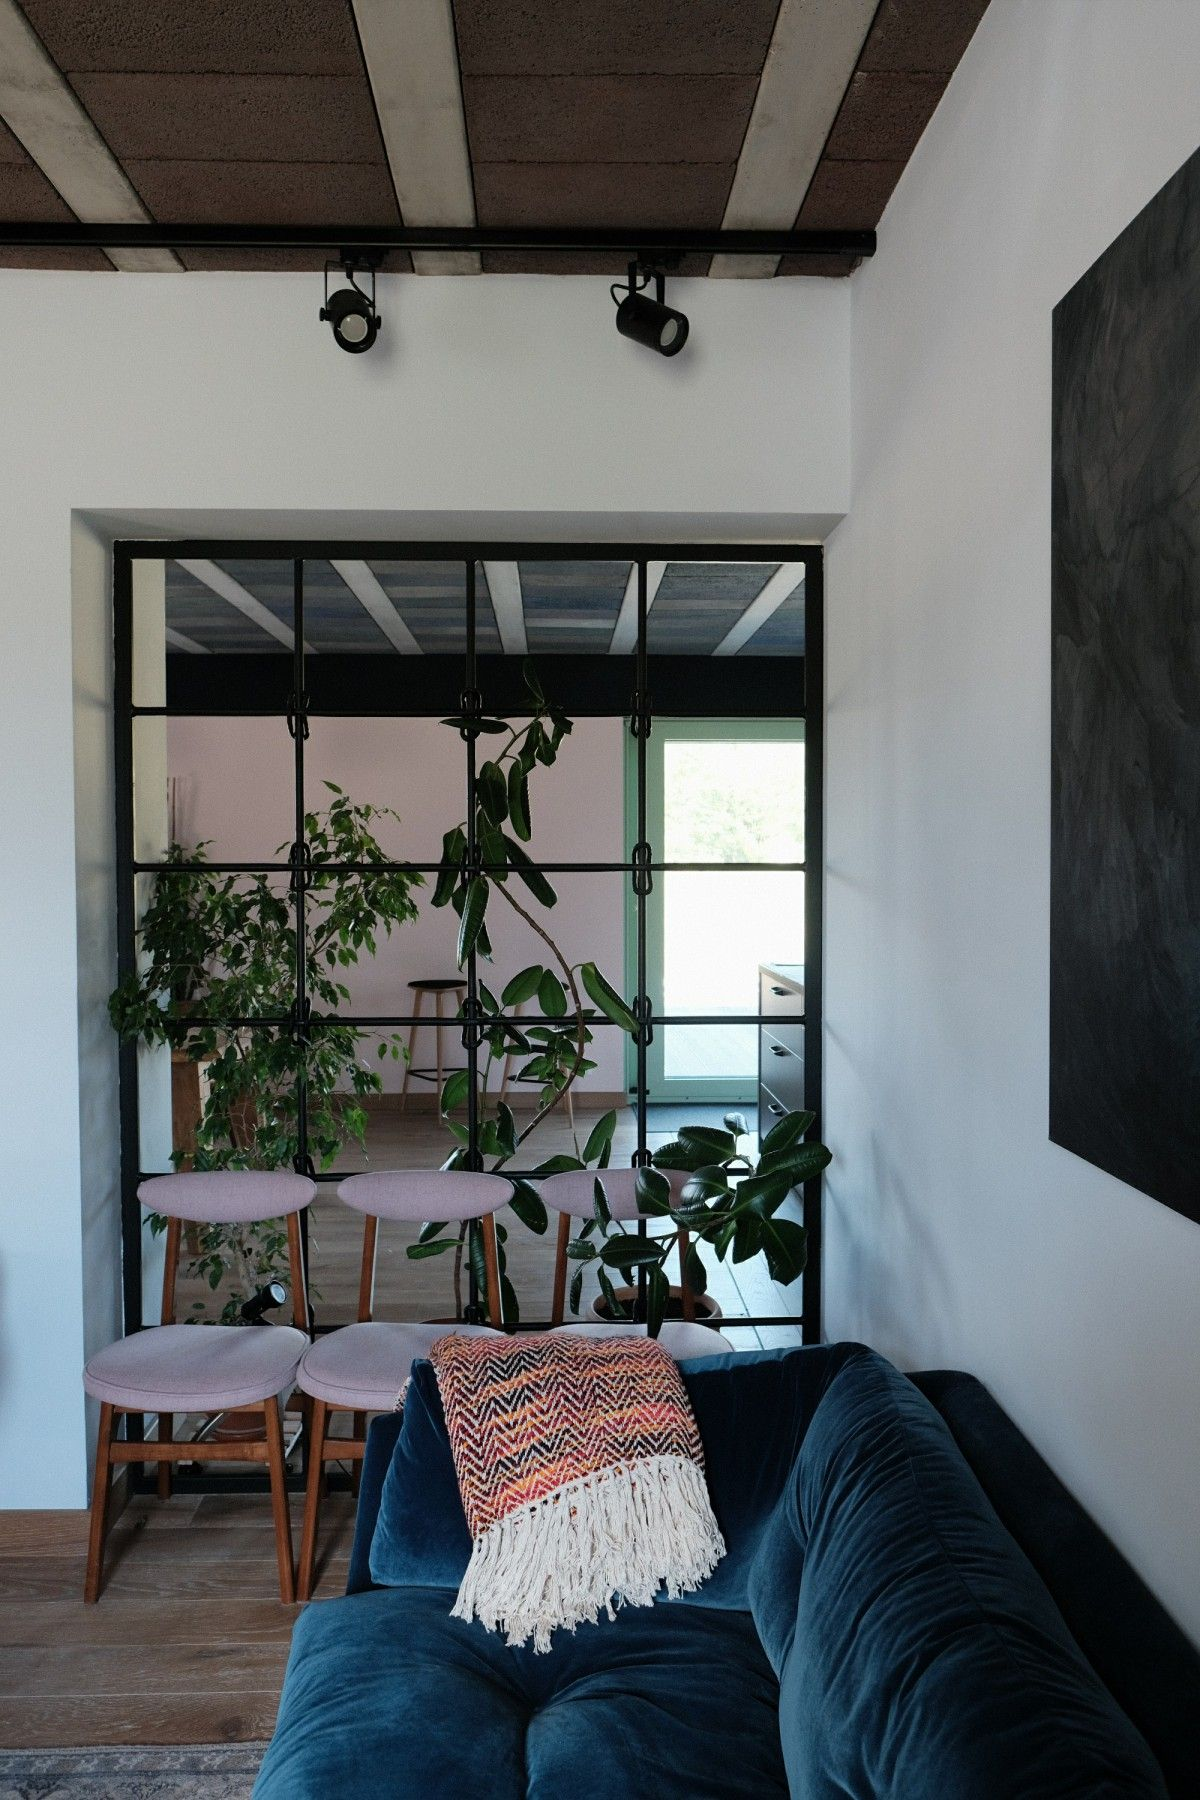 Wnętrze domu z granatową kanapą i roślinami